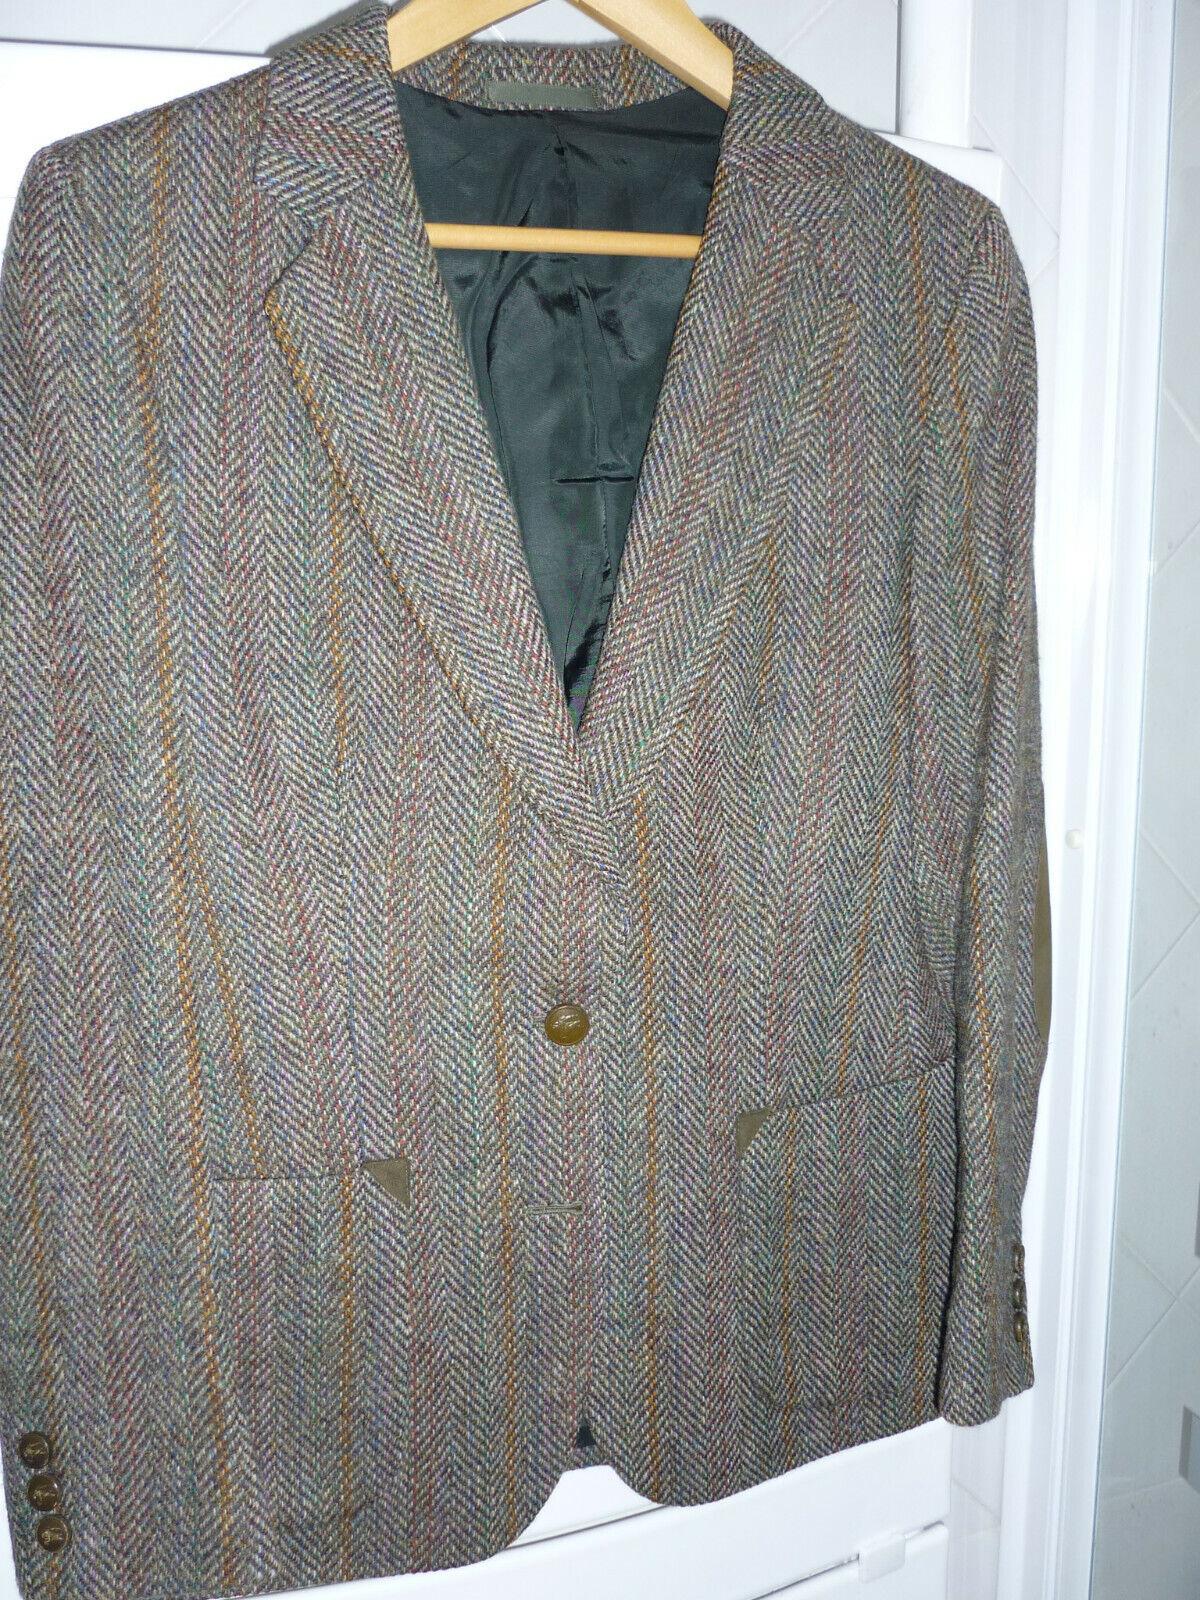 Authentique burberrys veste tweed shetland chevrons  bronze 100 % laine t 40 tbe